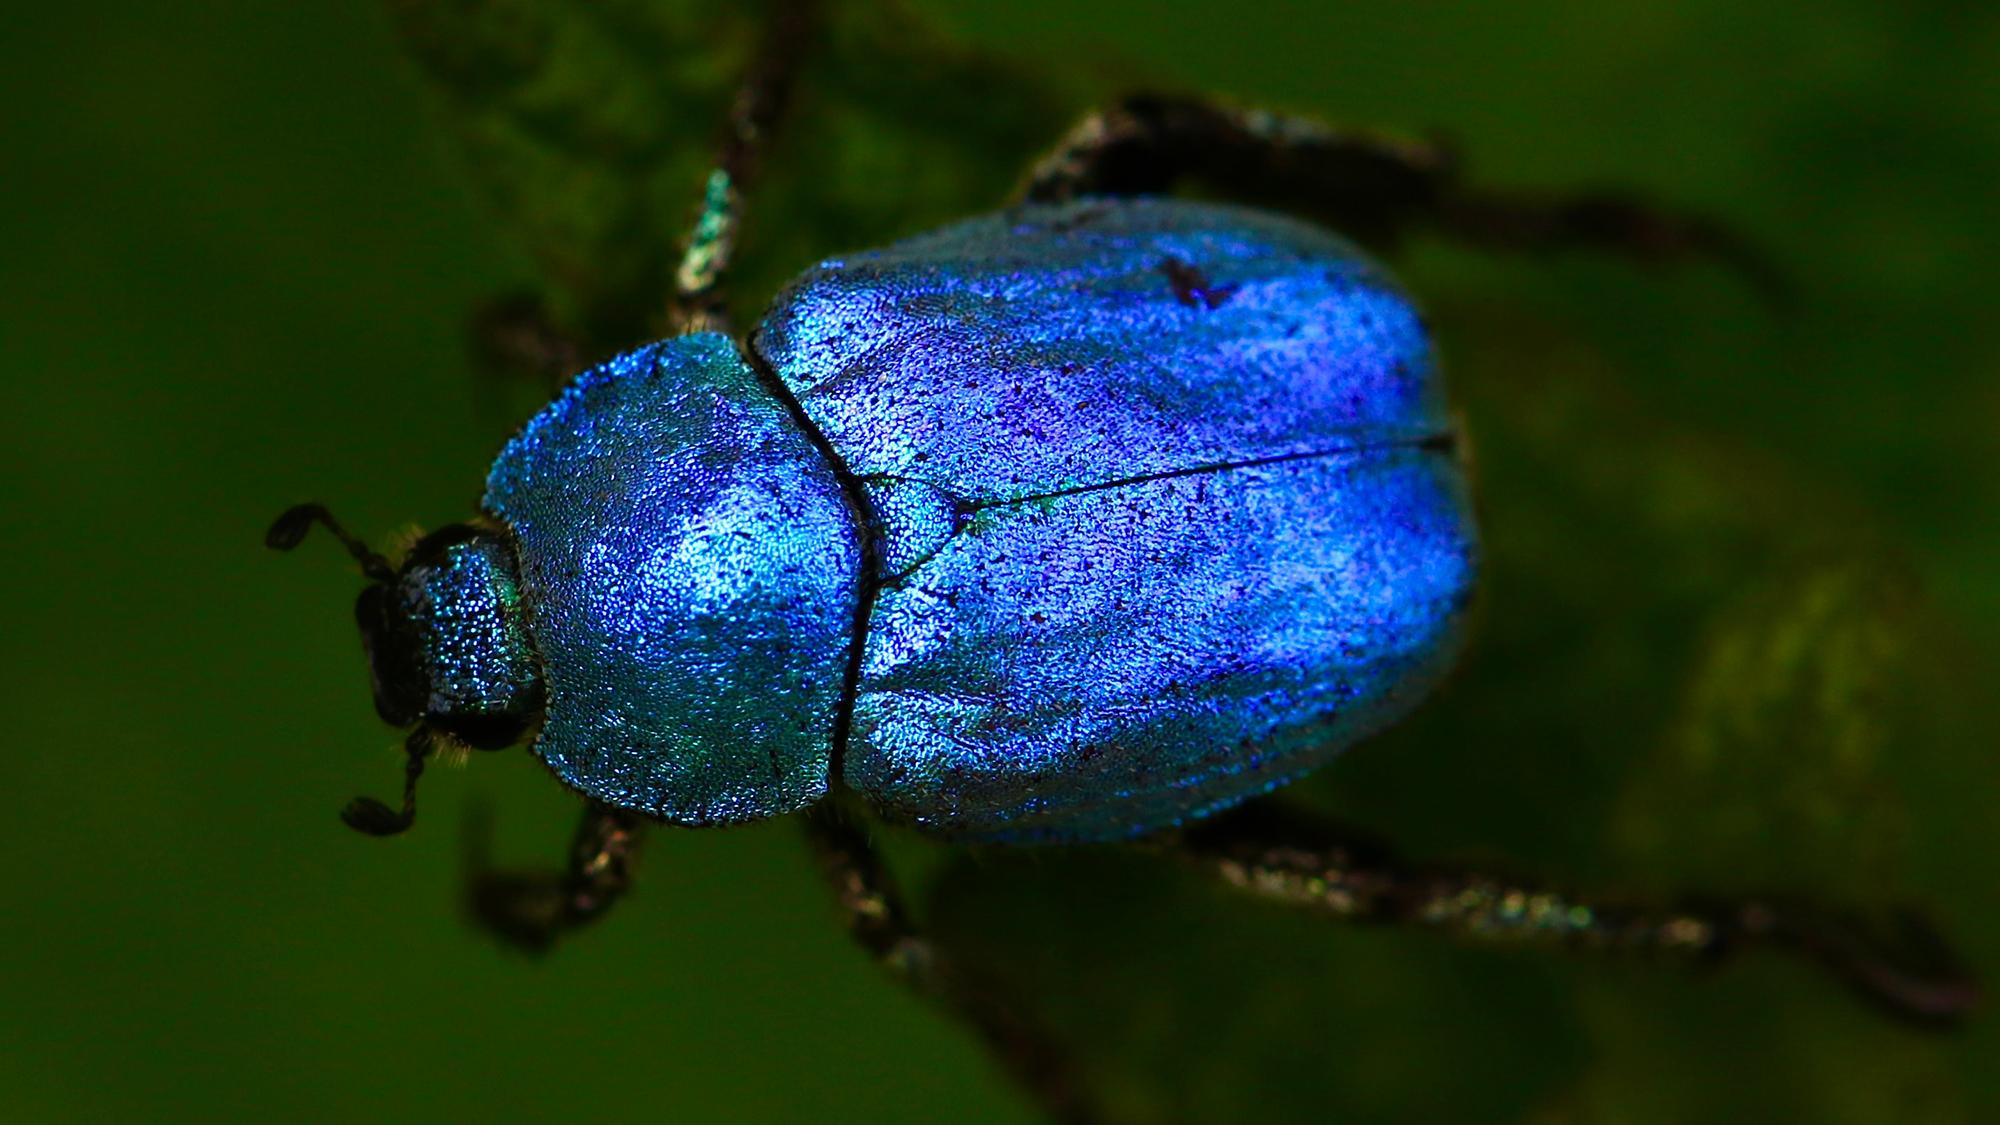 L'adaptabilitat dels escarabats a ambients salins podria ser útil per comprendre les conseqüències ecològiques del canvi climàtic. Foto de James Wainscoat per Unsplash